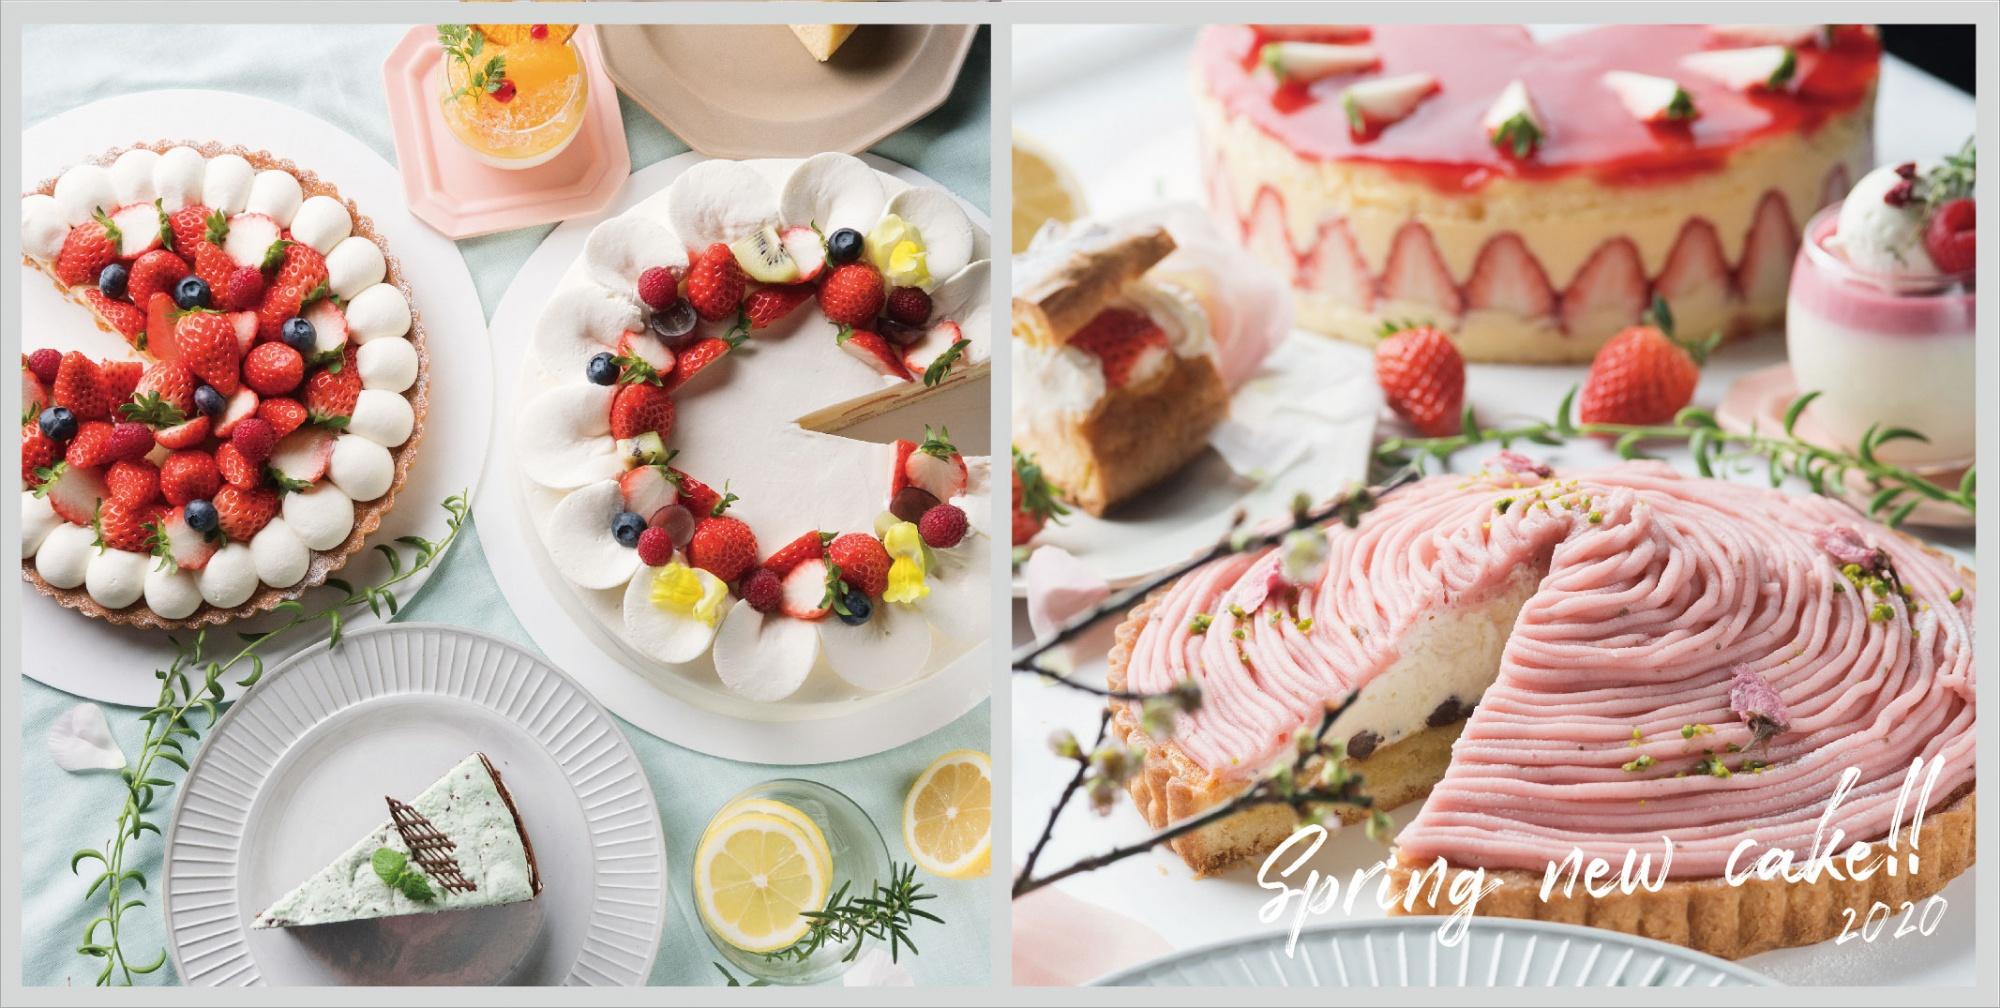 春のケーキが彩り華やかに登場!